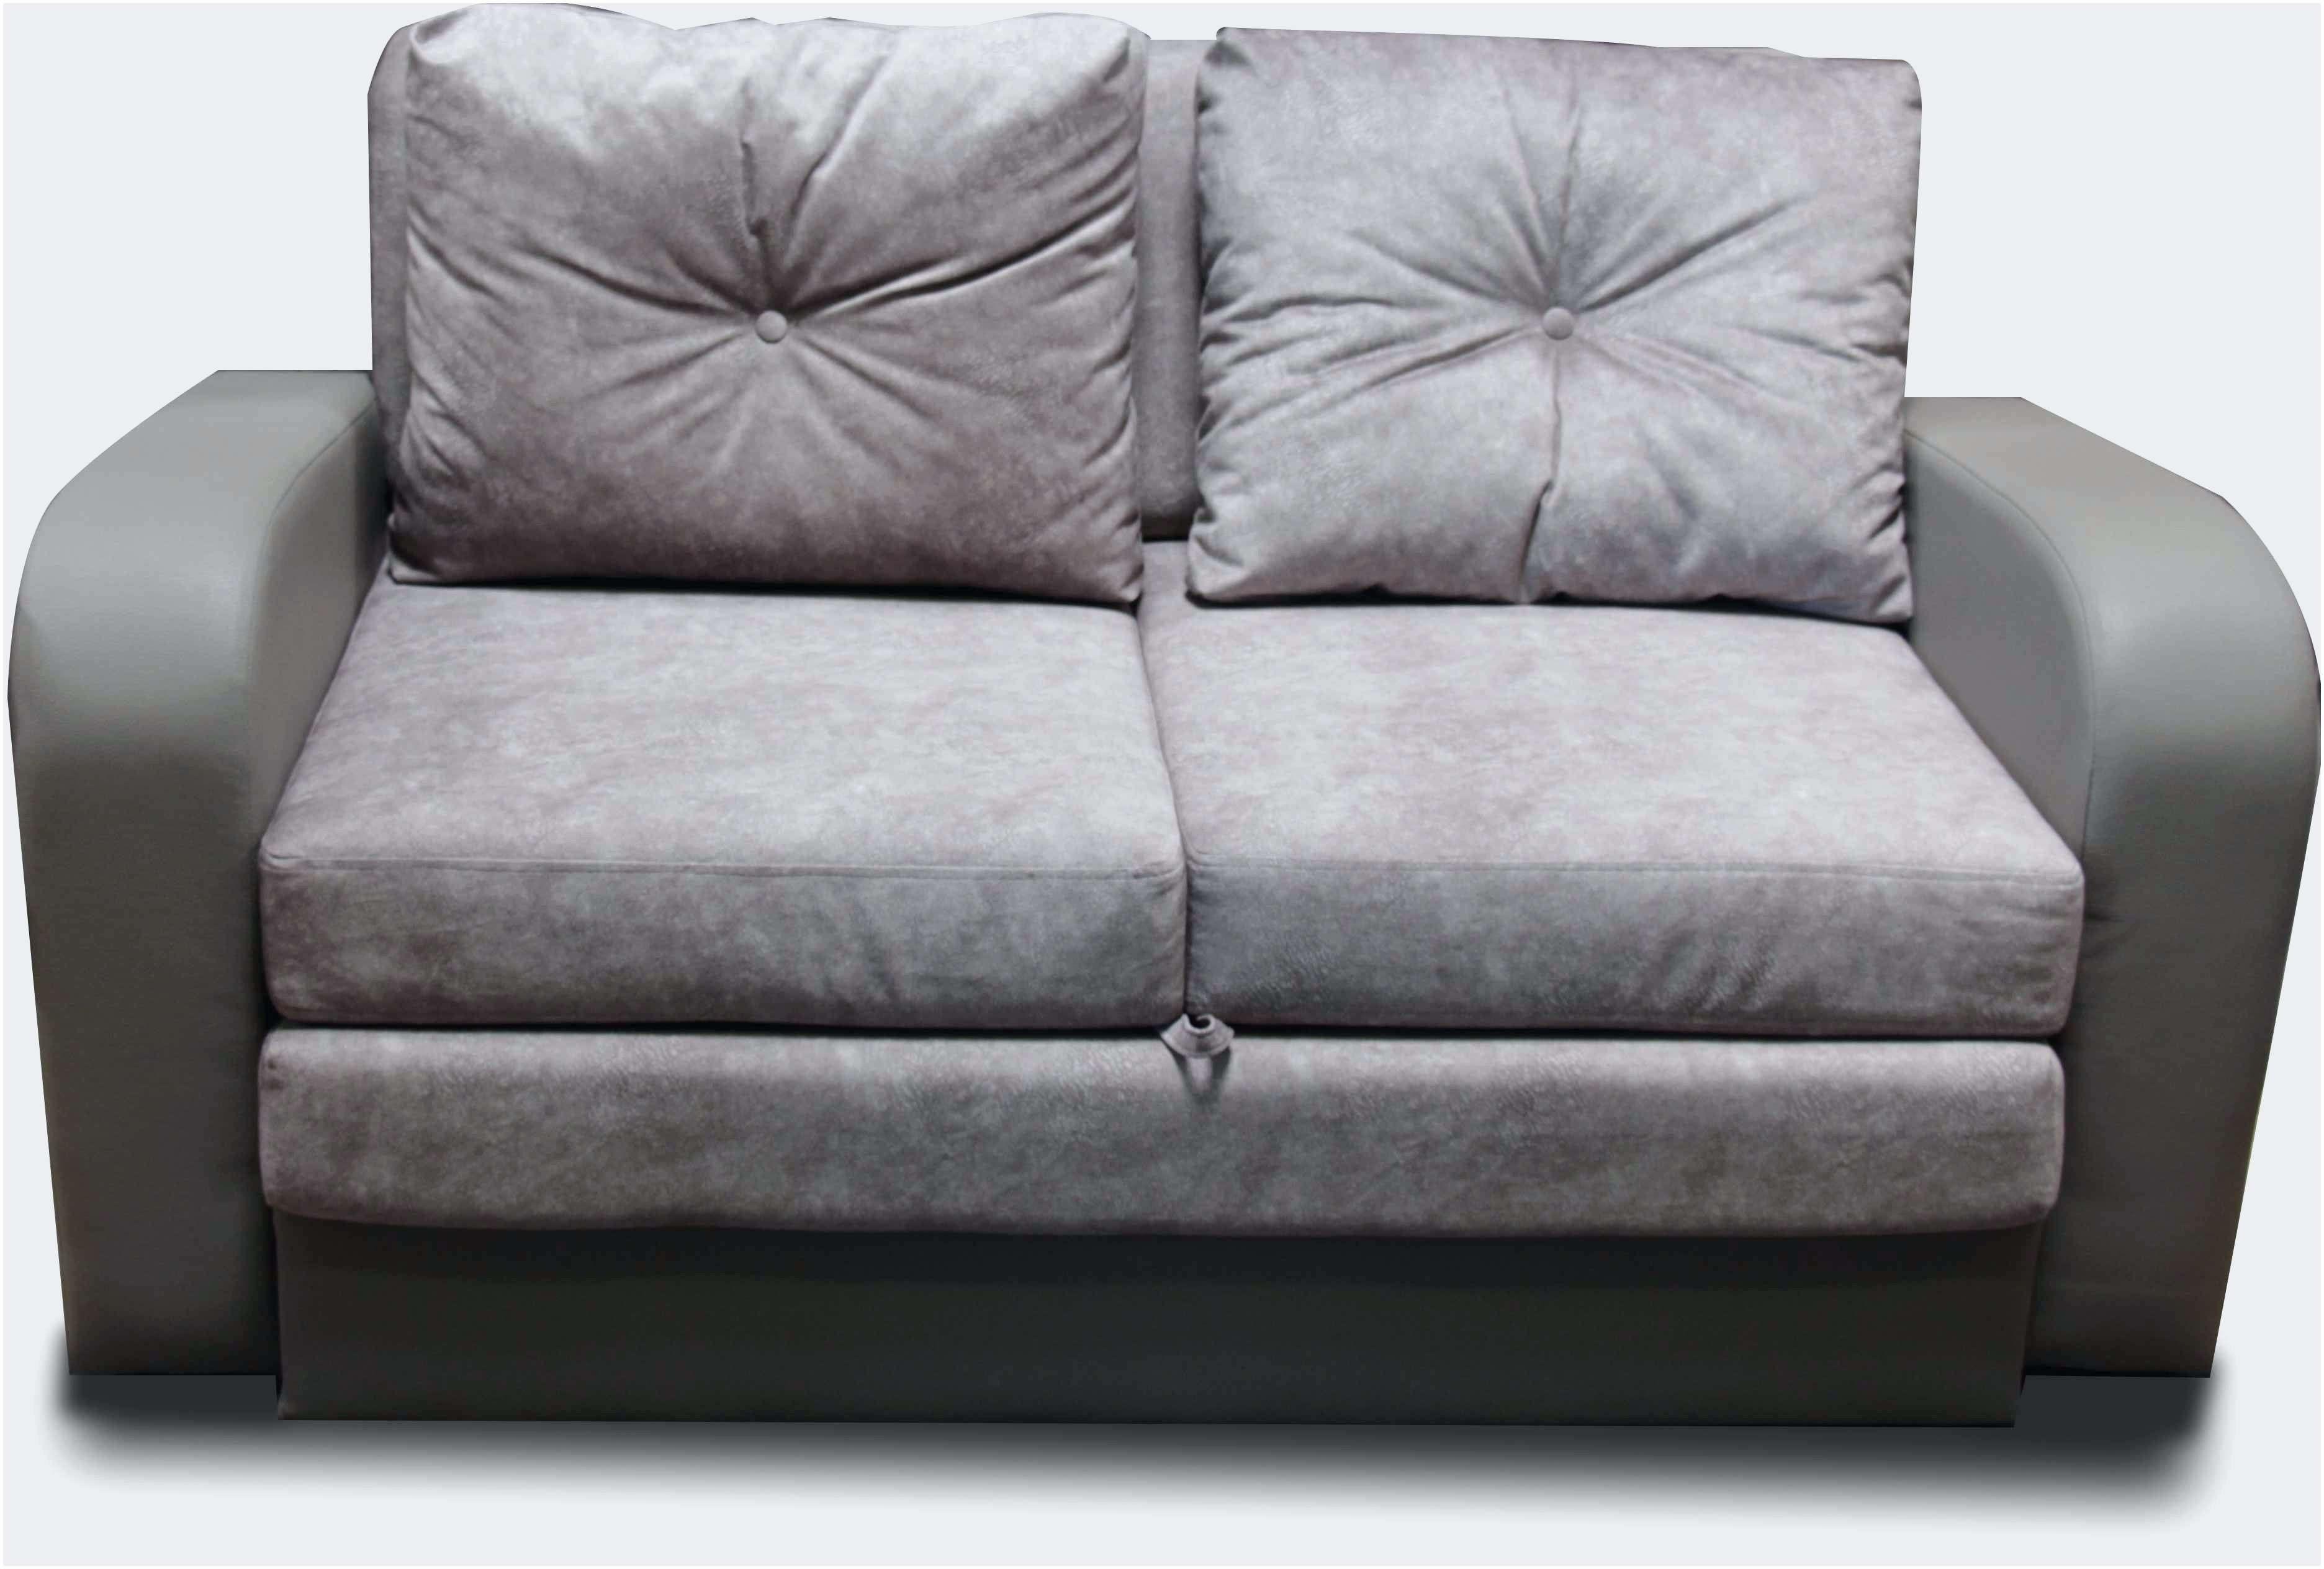 Couvre Lit Matelassé Ikea Beau 60 Canapé Lit Gigogne Ikea Vue Jongor4hire